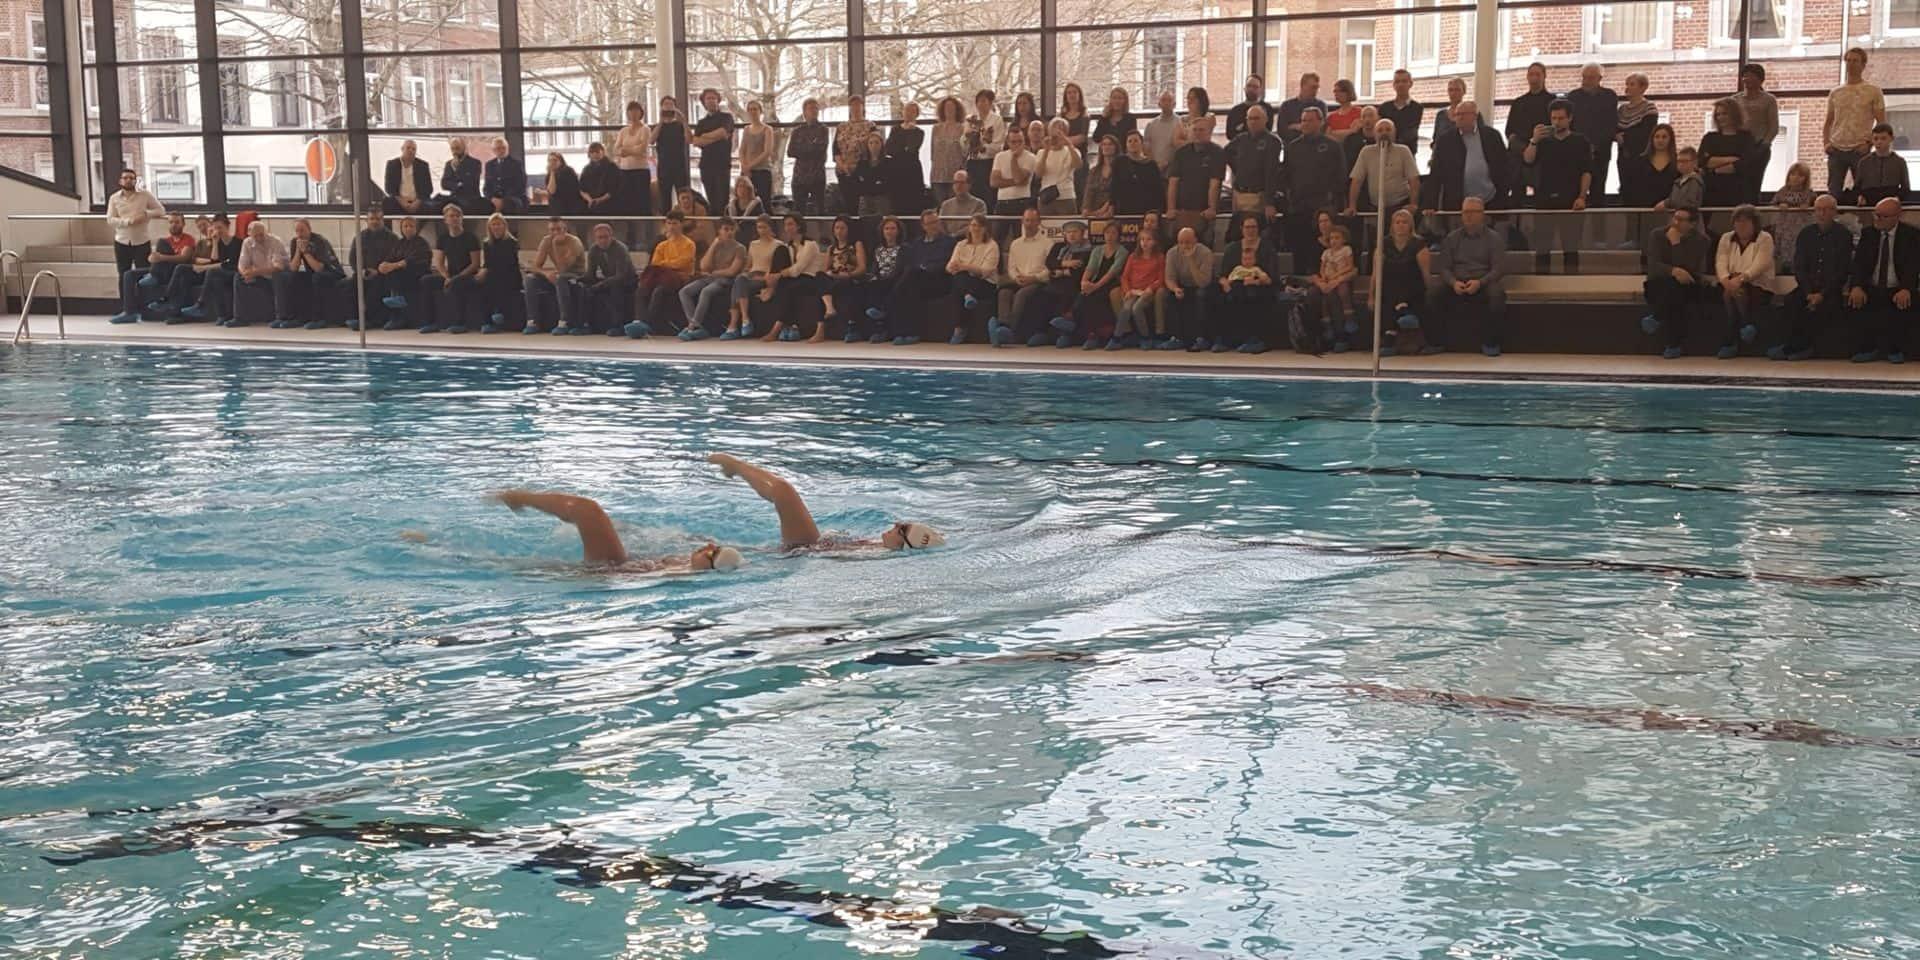 Piscine A Moins De 100 Euros liège: la piscine de jonfosse inaugurée - dh les sports+